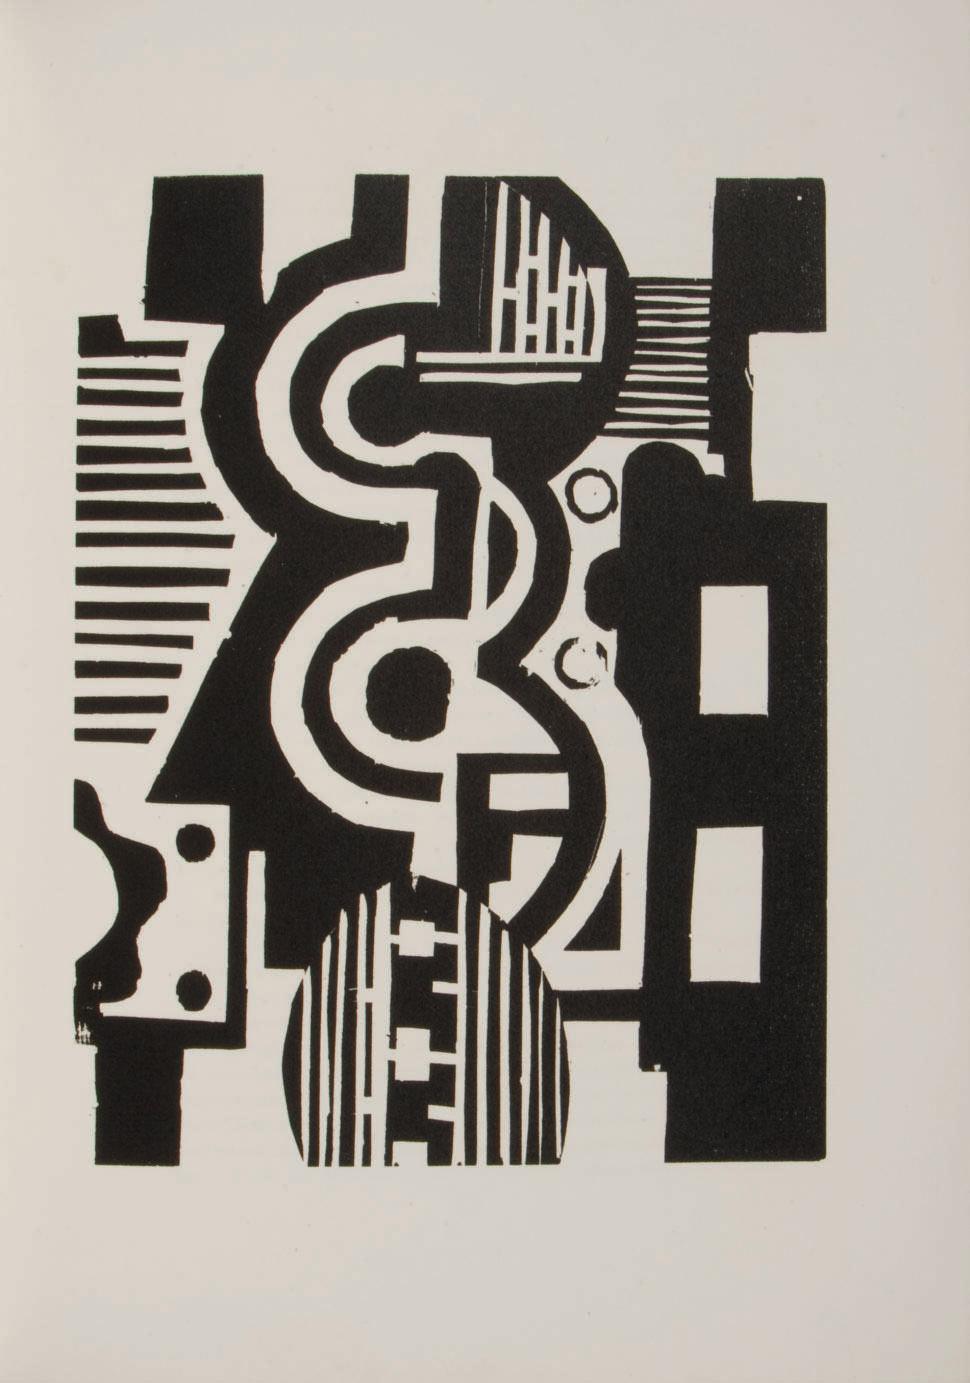 [LÉGER] -- MALRAUX, André (1901-1976). Lunes en papier. Orné de gravures sur bois par Fernand Léger. Paris : Galerie Simon, 1921.